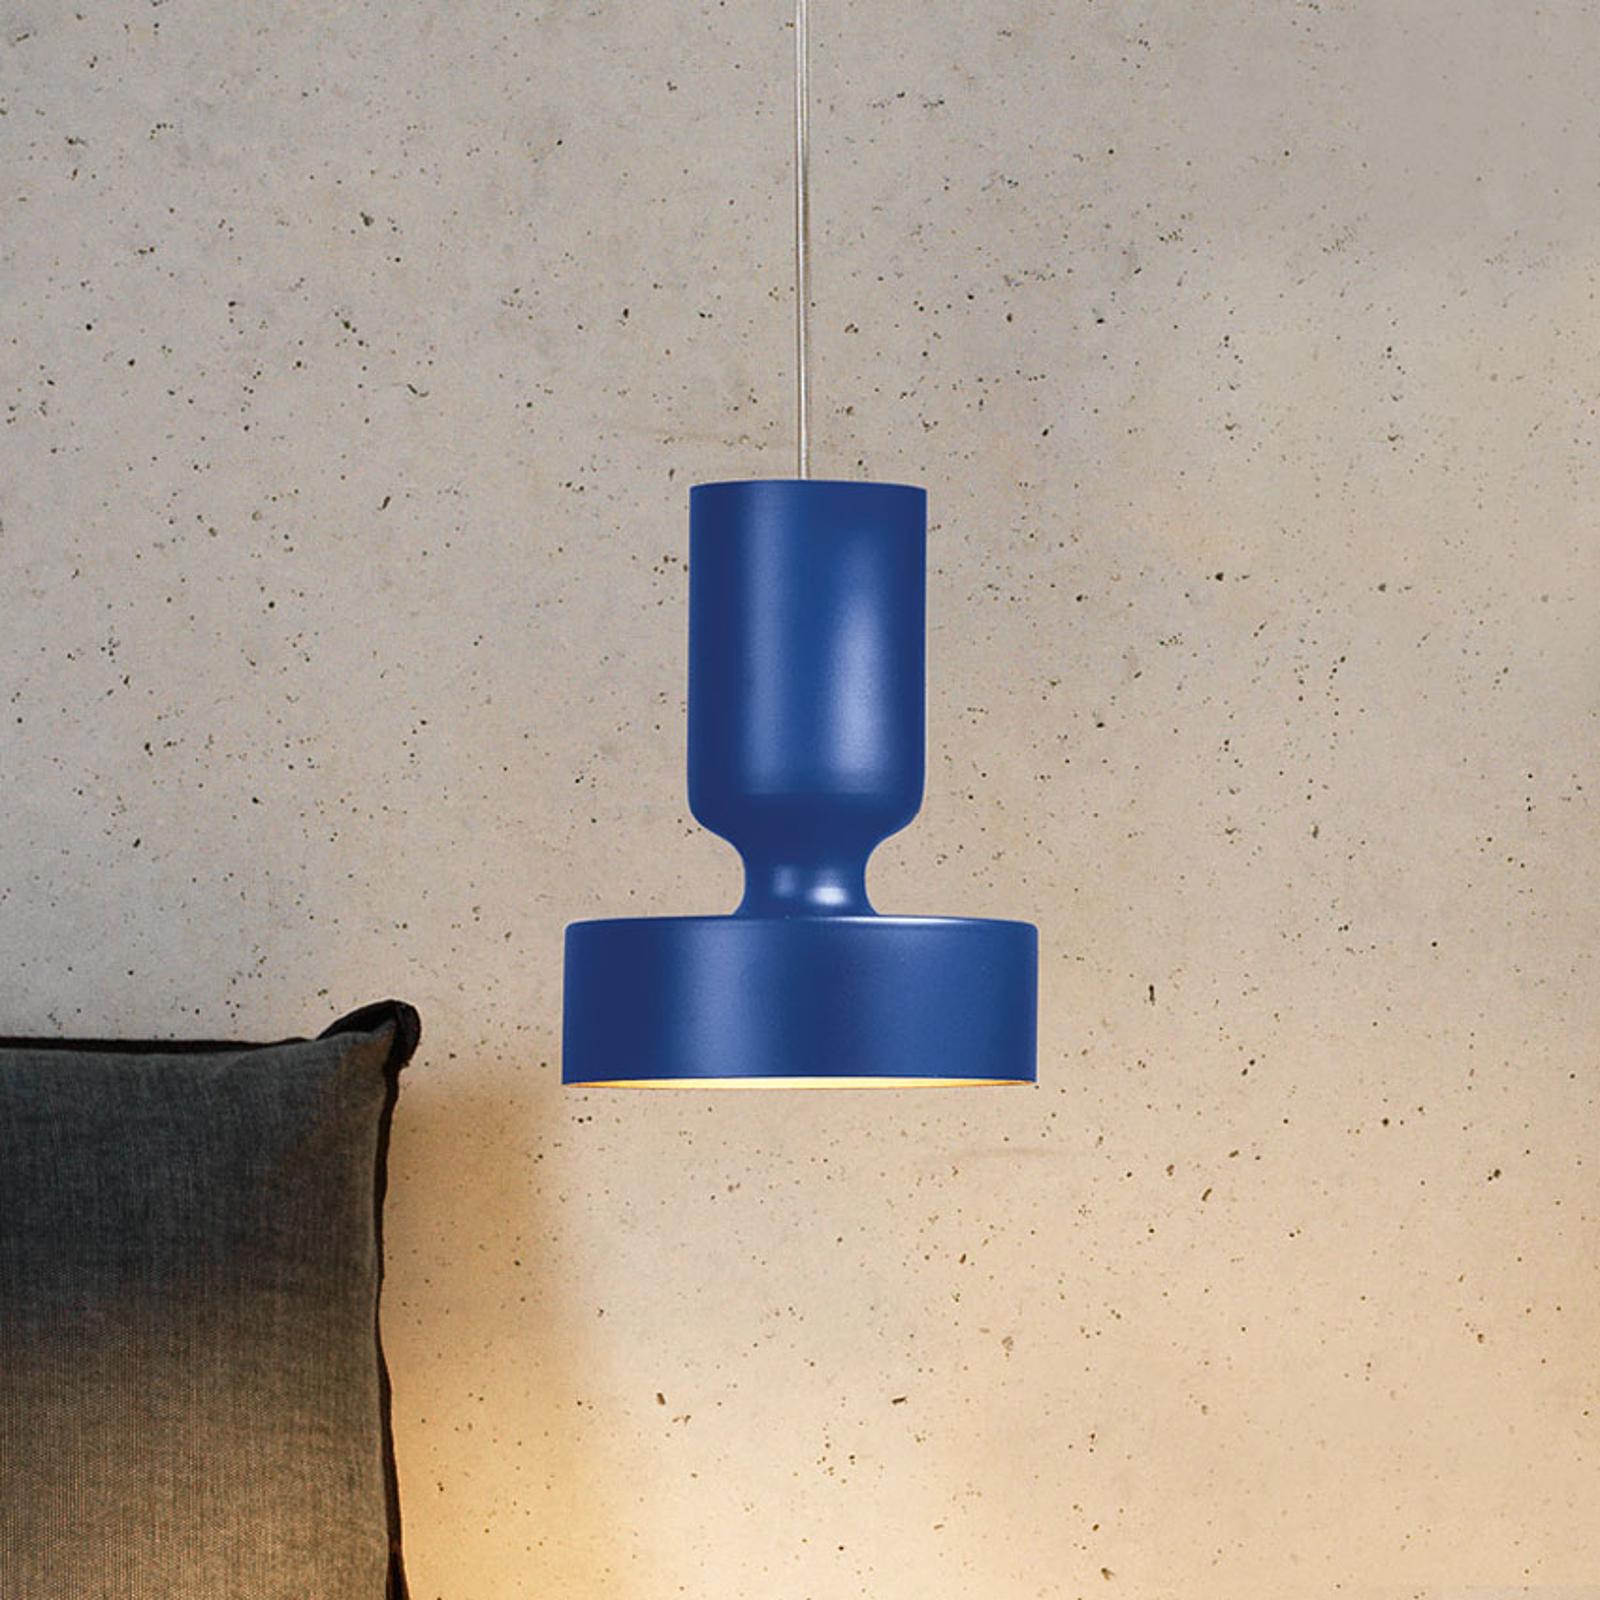 Modo Luce Hamer hanglamp Ø 15 cm donkerblauw